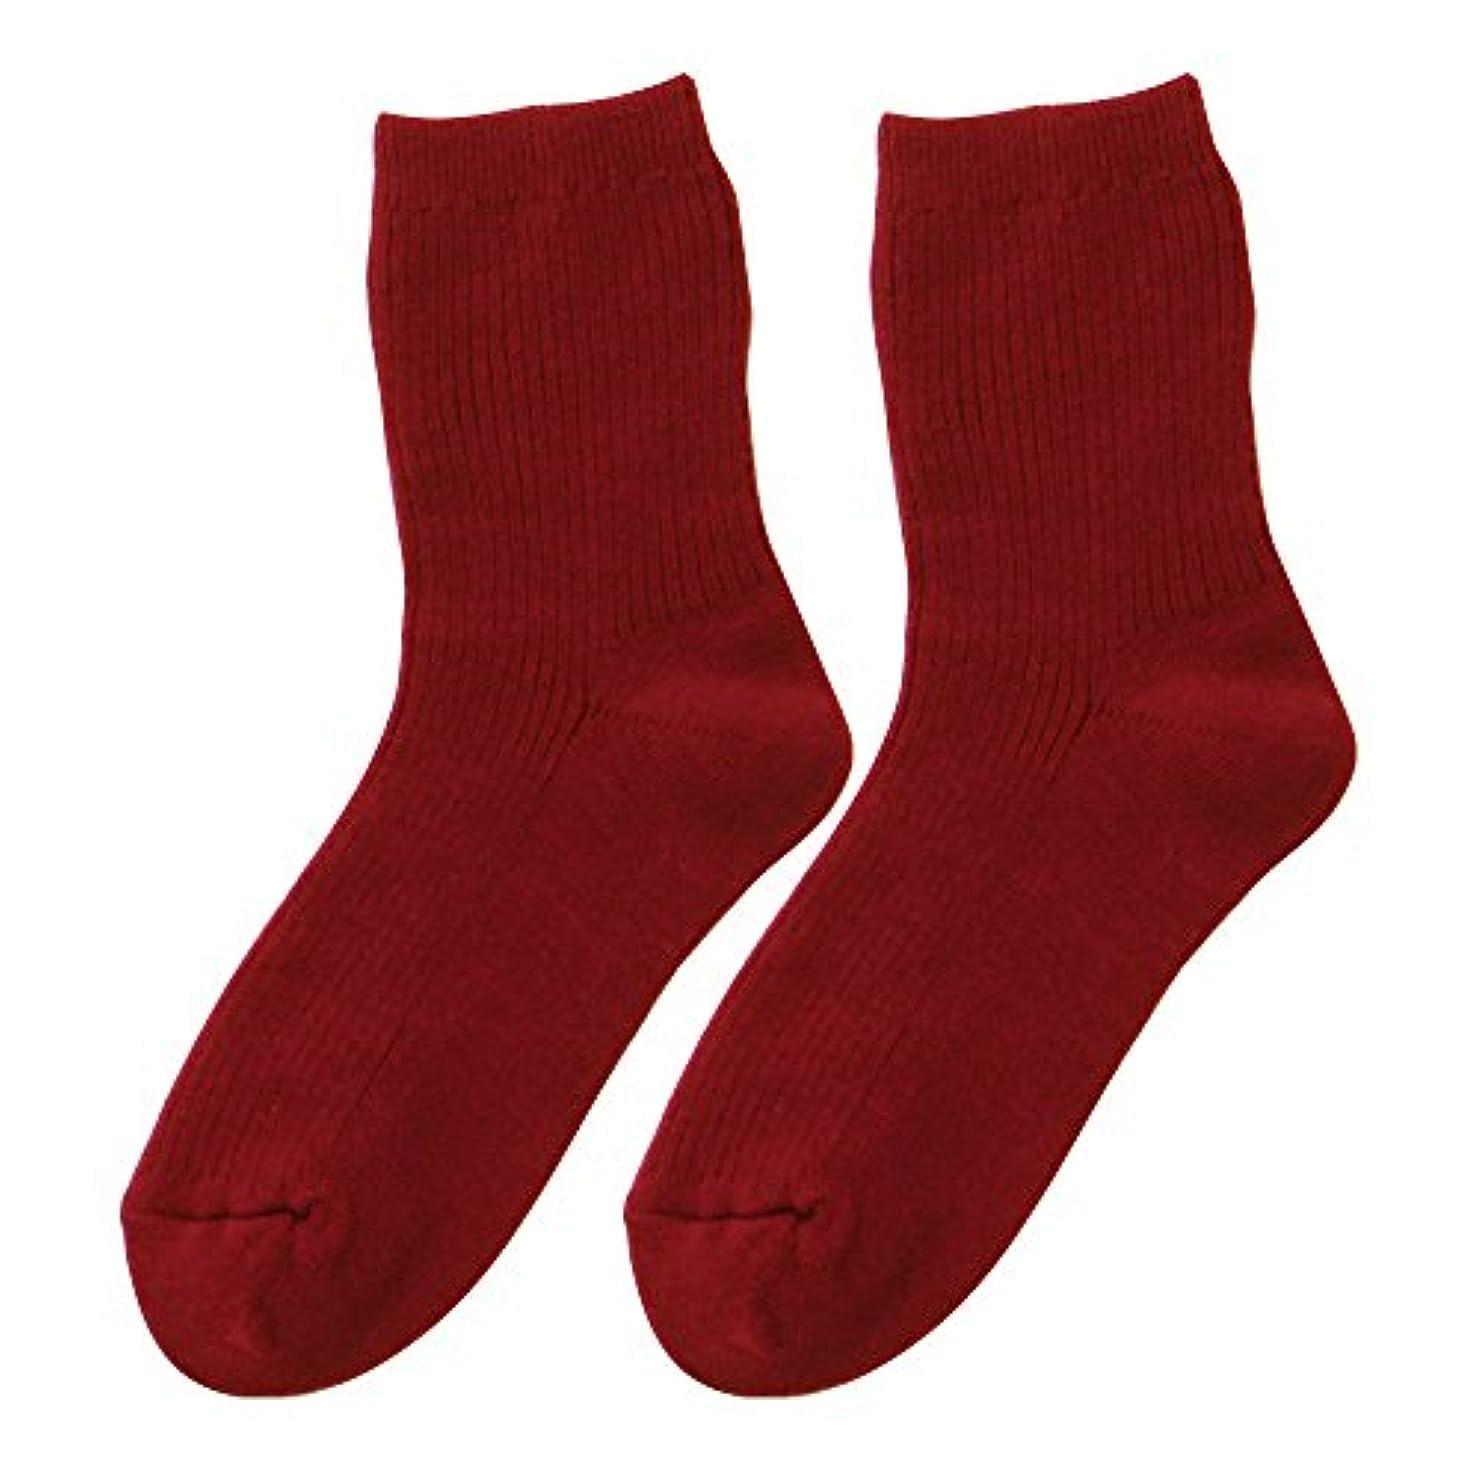 ダッシュ蚊追い払うひだまり ダブルソックス 婦人用 靴下[22~24cm] エンジ